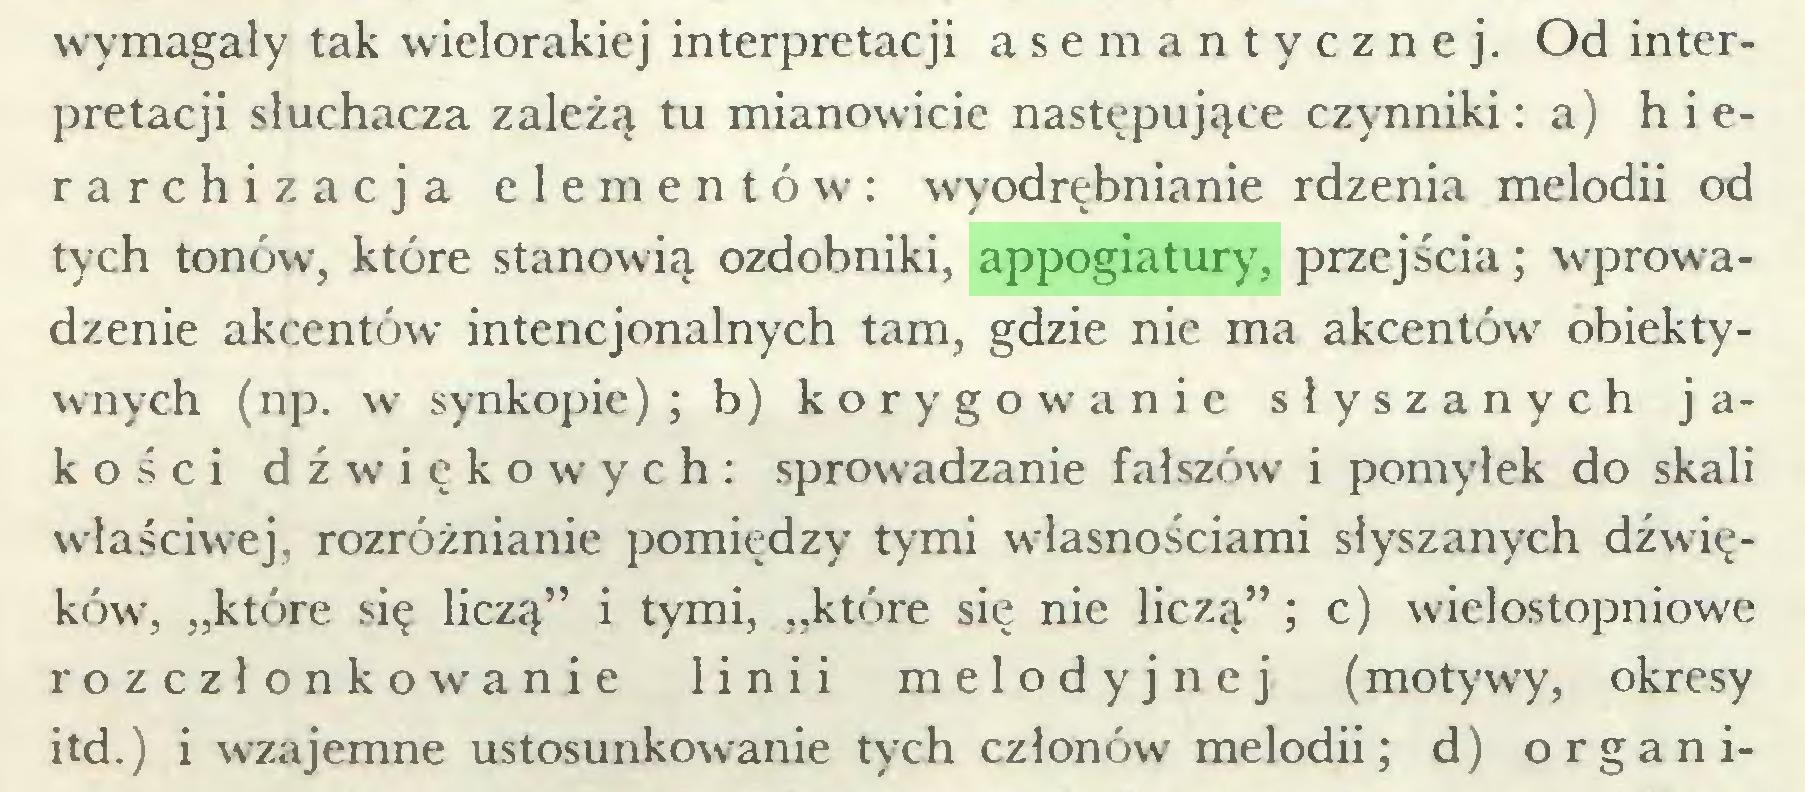 """(...) wymagały tak wielorakiej interpretacji asemantycznej. Od interpretacji słuchacza zależą tu mianowicie następujące czynniki: a) hierarchizacja elementów: wyodrębnianie rdzenia melodii od tych tonów, które stanowią ozdobniki, appogiatury, przejścia; wprowadzenie akcentów intencjonalnych tam, gdzie nie ma akcentów obiektywnych (np. w synkopie) ; b) korygowanie słyszanych jakości dźwiękowych: sprowadzanie fałszów i pomyłek do skali właściwej, rozróżnianie pomiędzy tymi własnościami słyszanych dźwięków', """"które się liczą"""" i tymi, """"które się nie liczą""""; c) wielostopniowe rozczłonkowanie linii melodyjnej (motywy, okresy itd.) i wzajemne ustosunkowanie tych członów' melodii; d) organi..."""